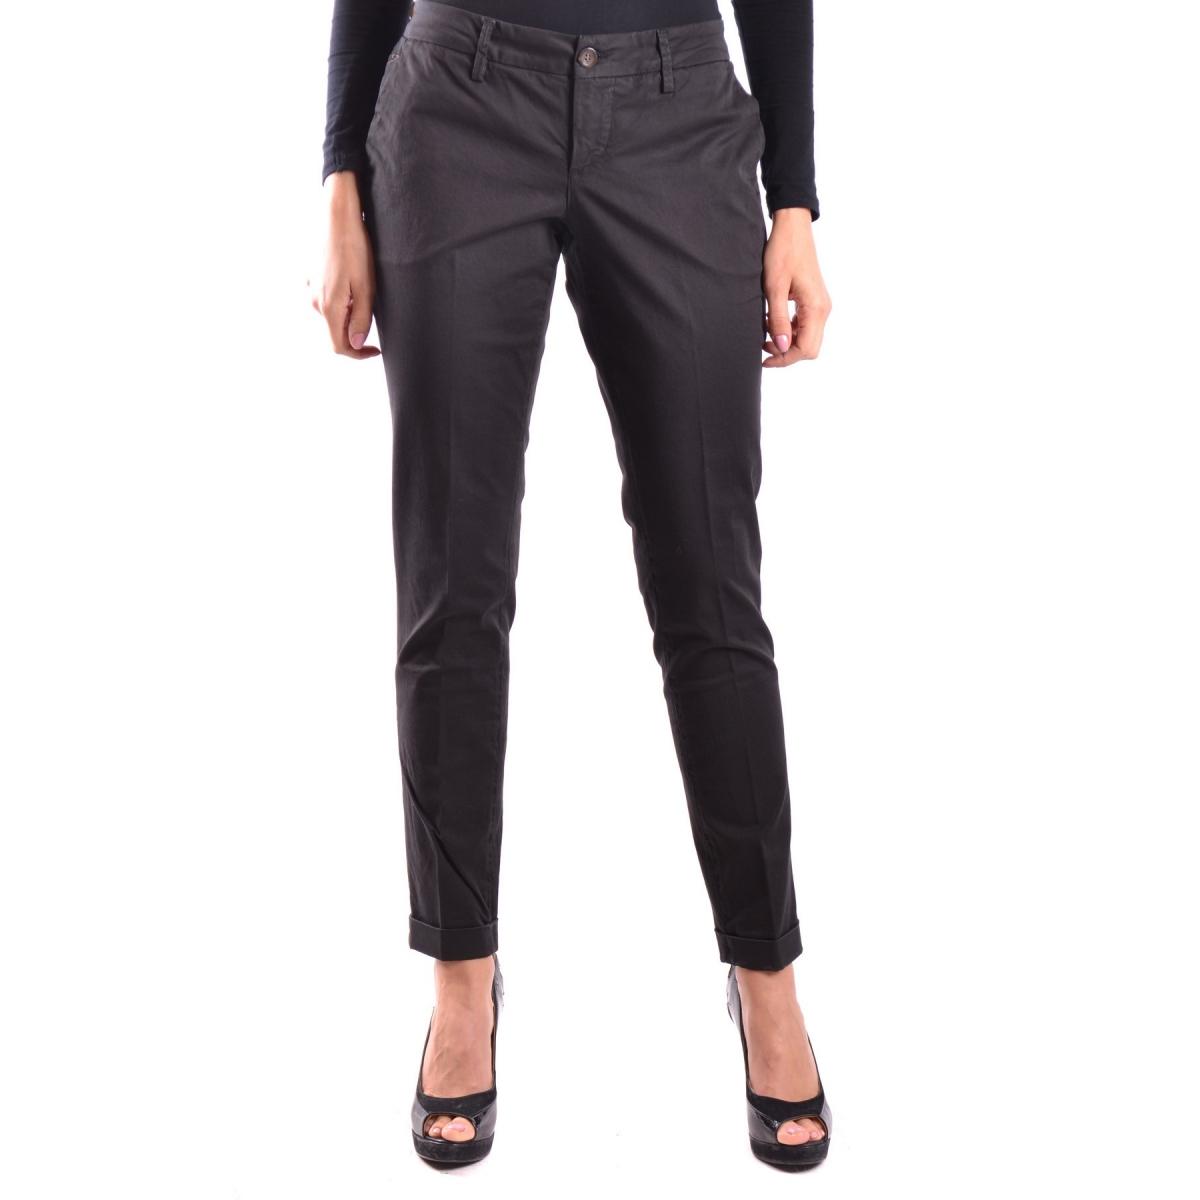 Pantaloni Fay PT2853 20996IT -40%